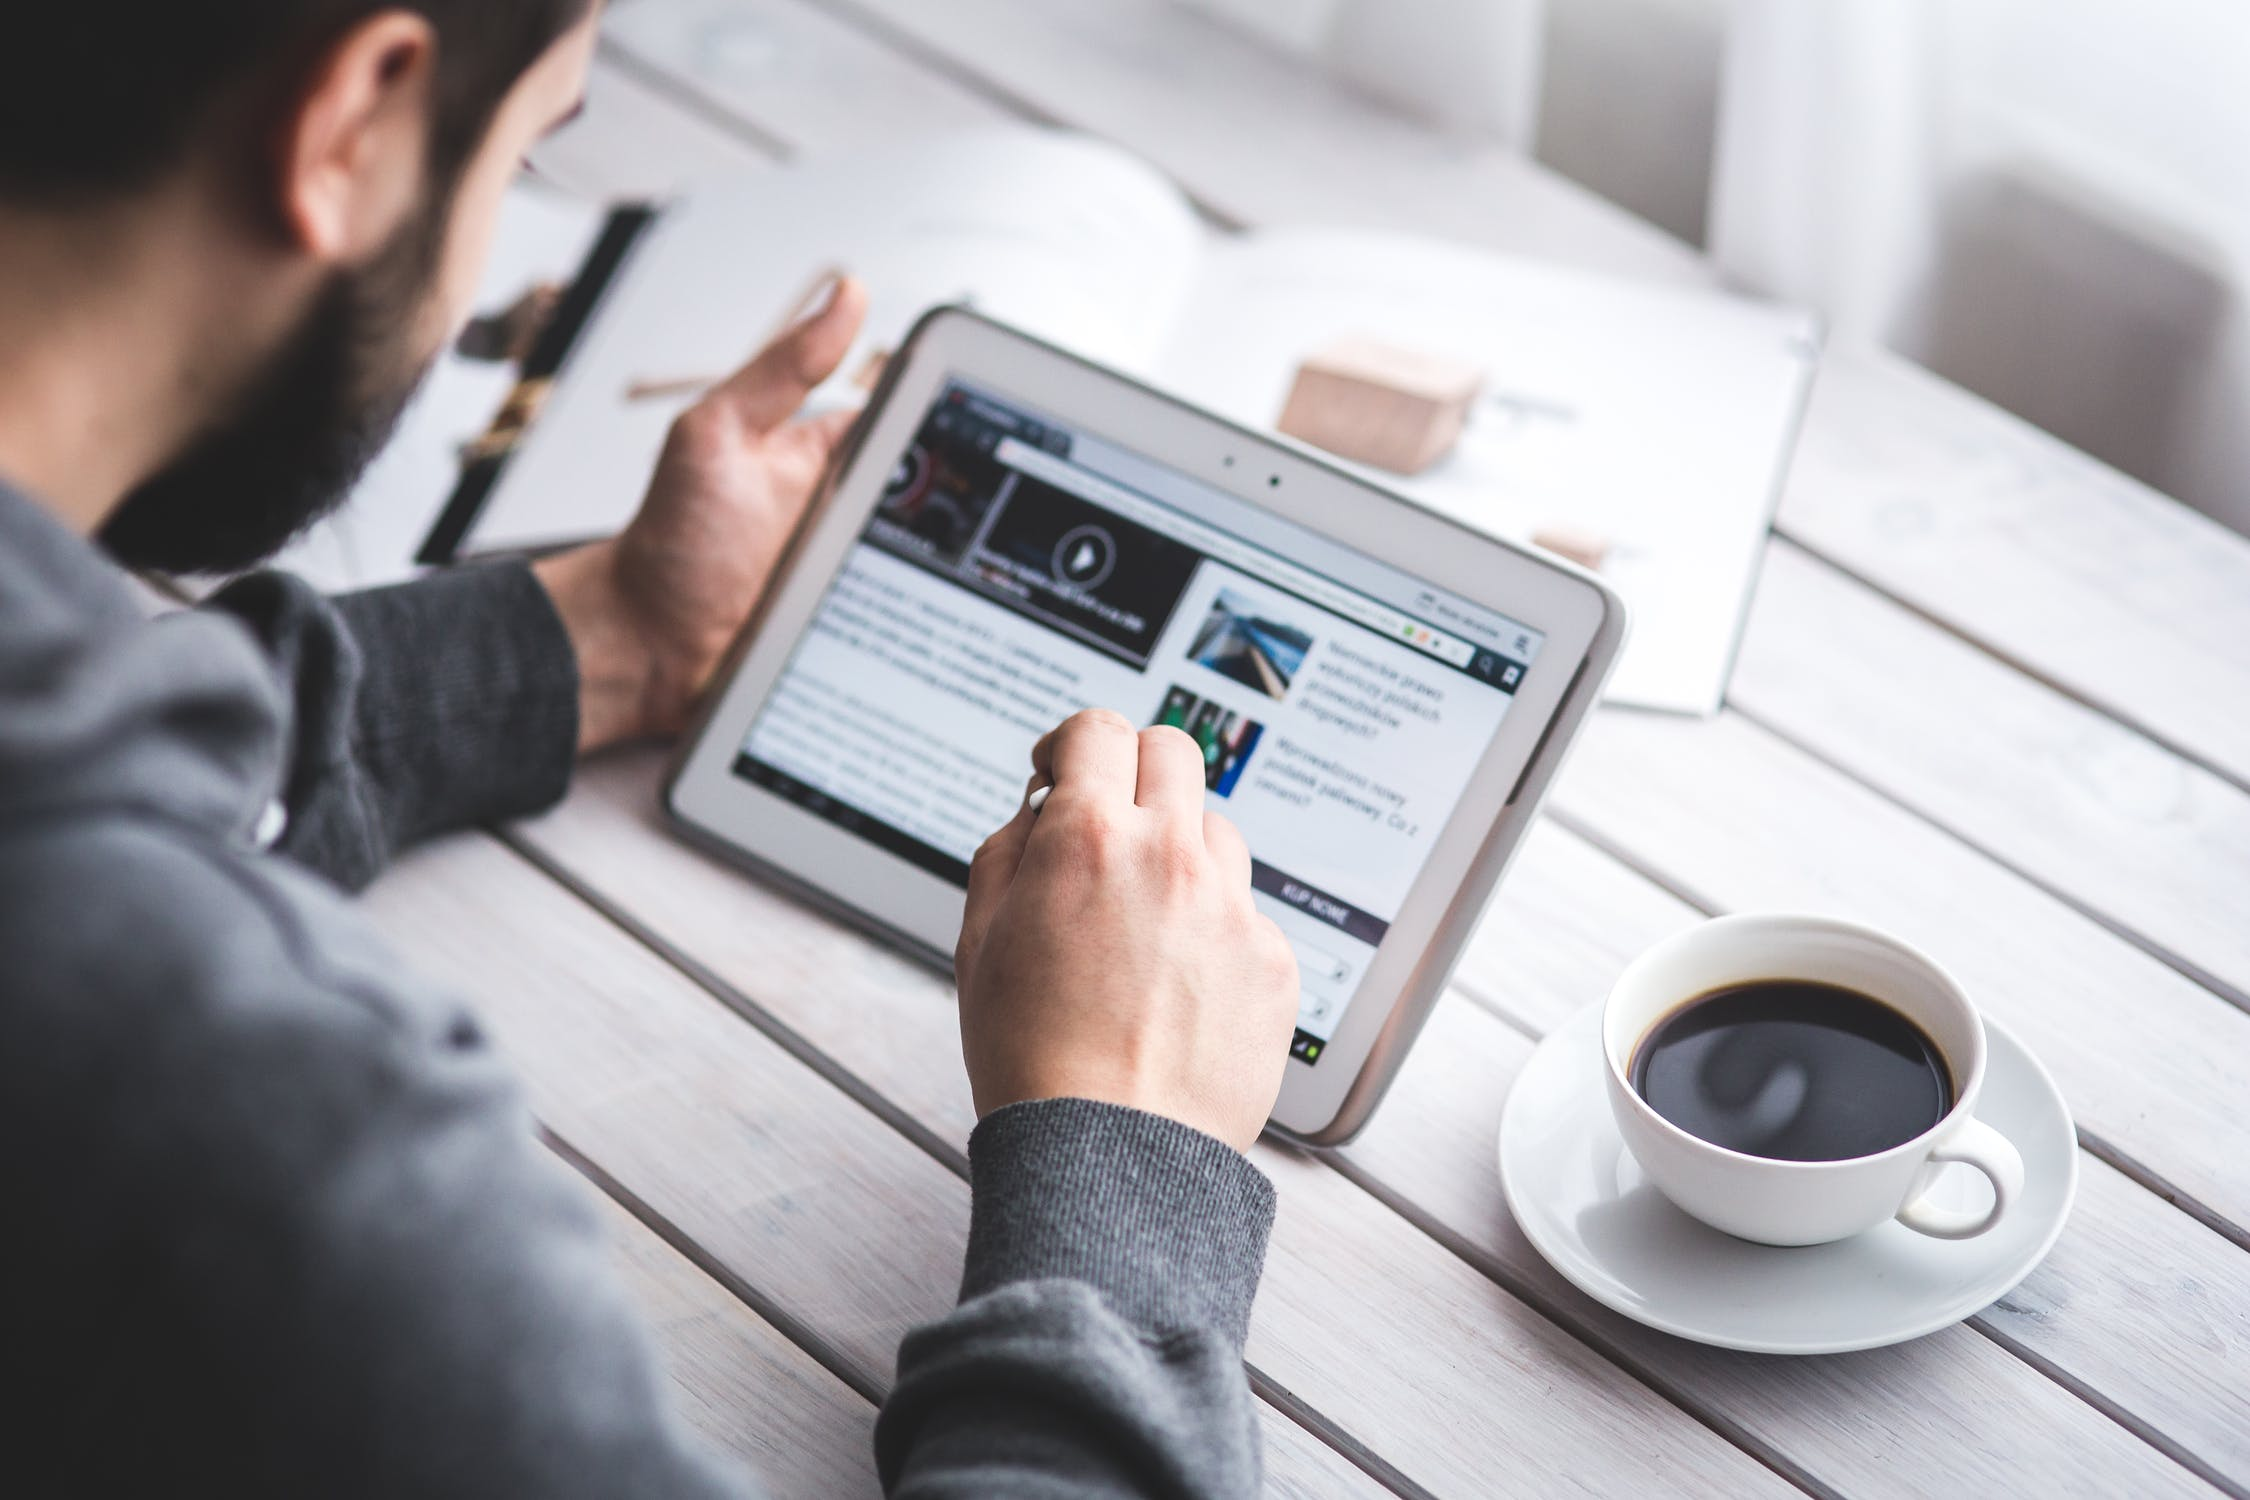 curso de prevención riesgos laborales online homologado